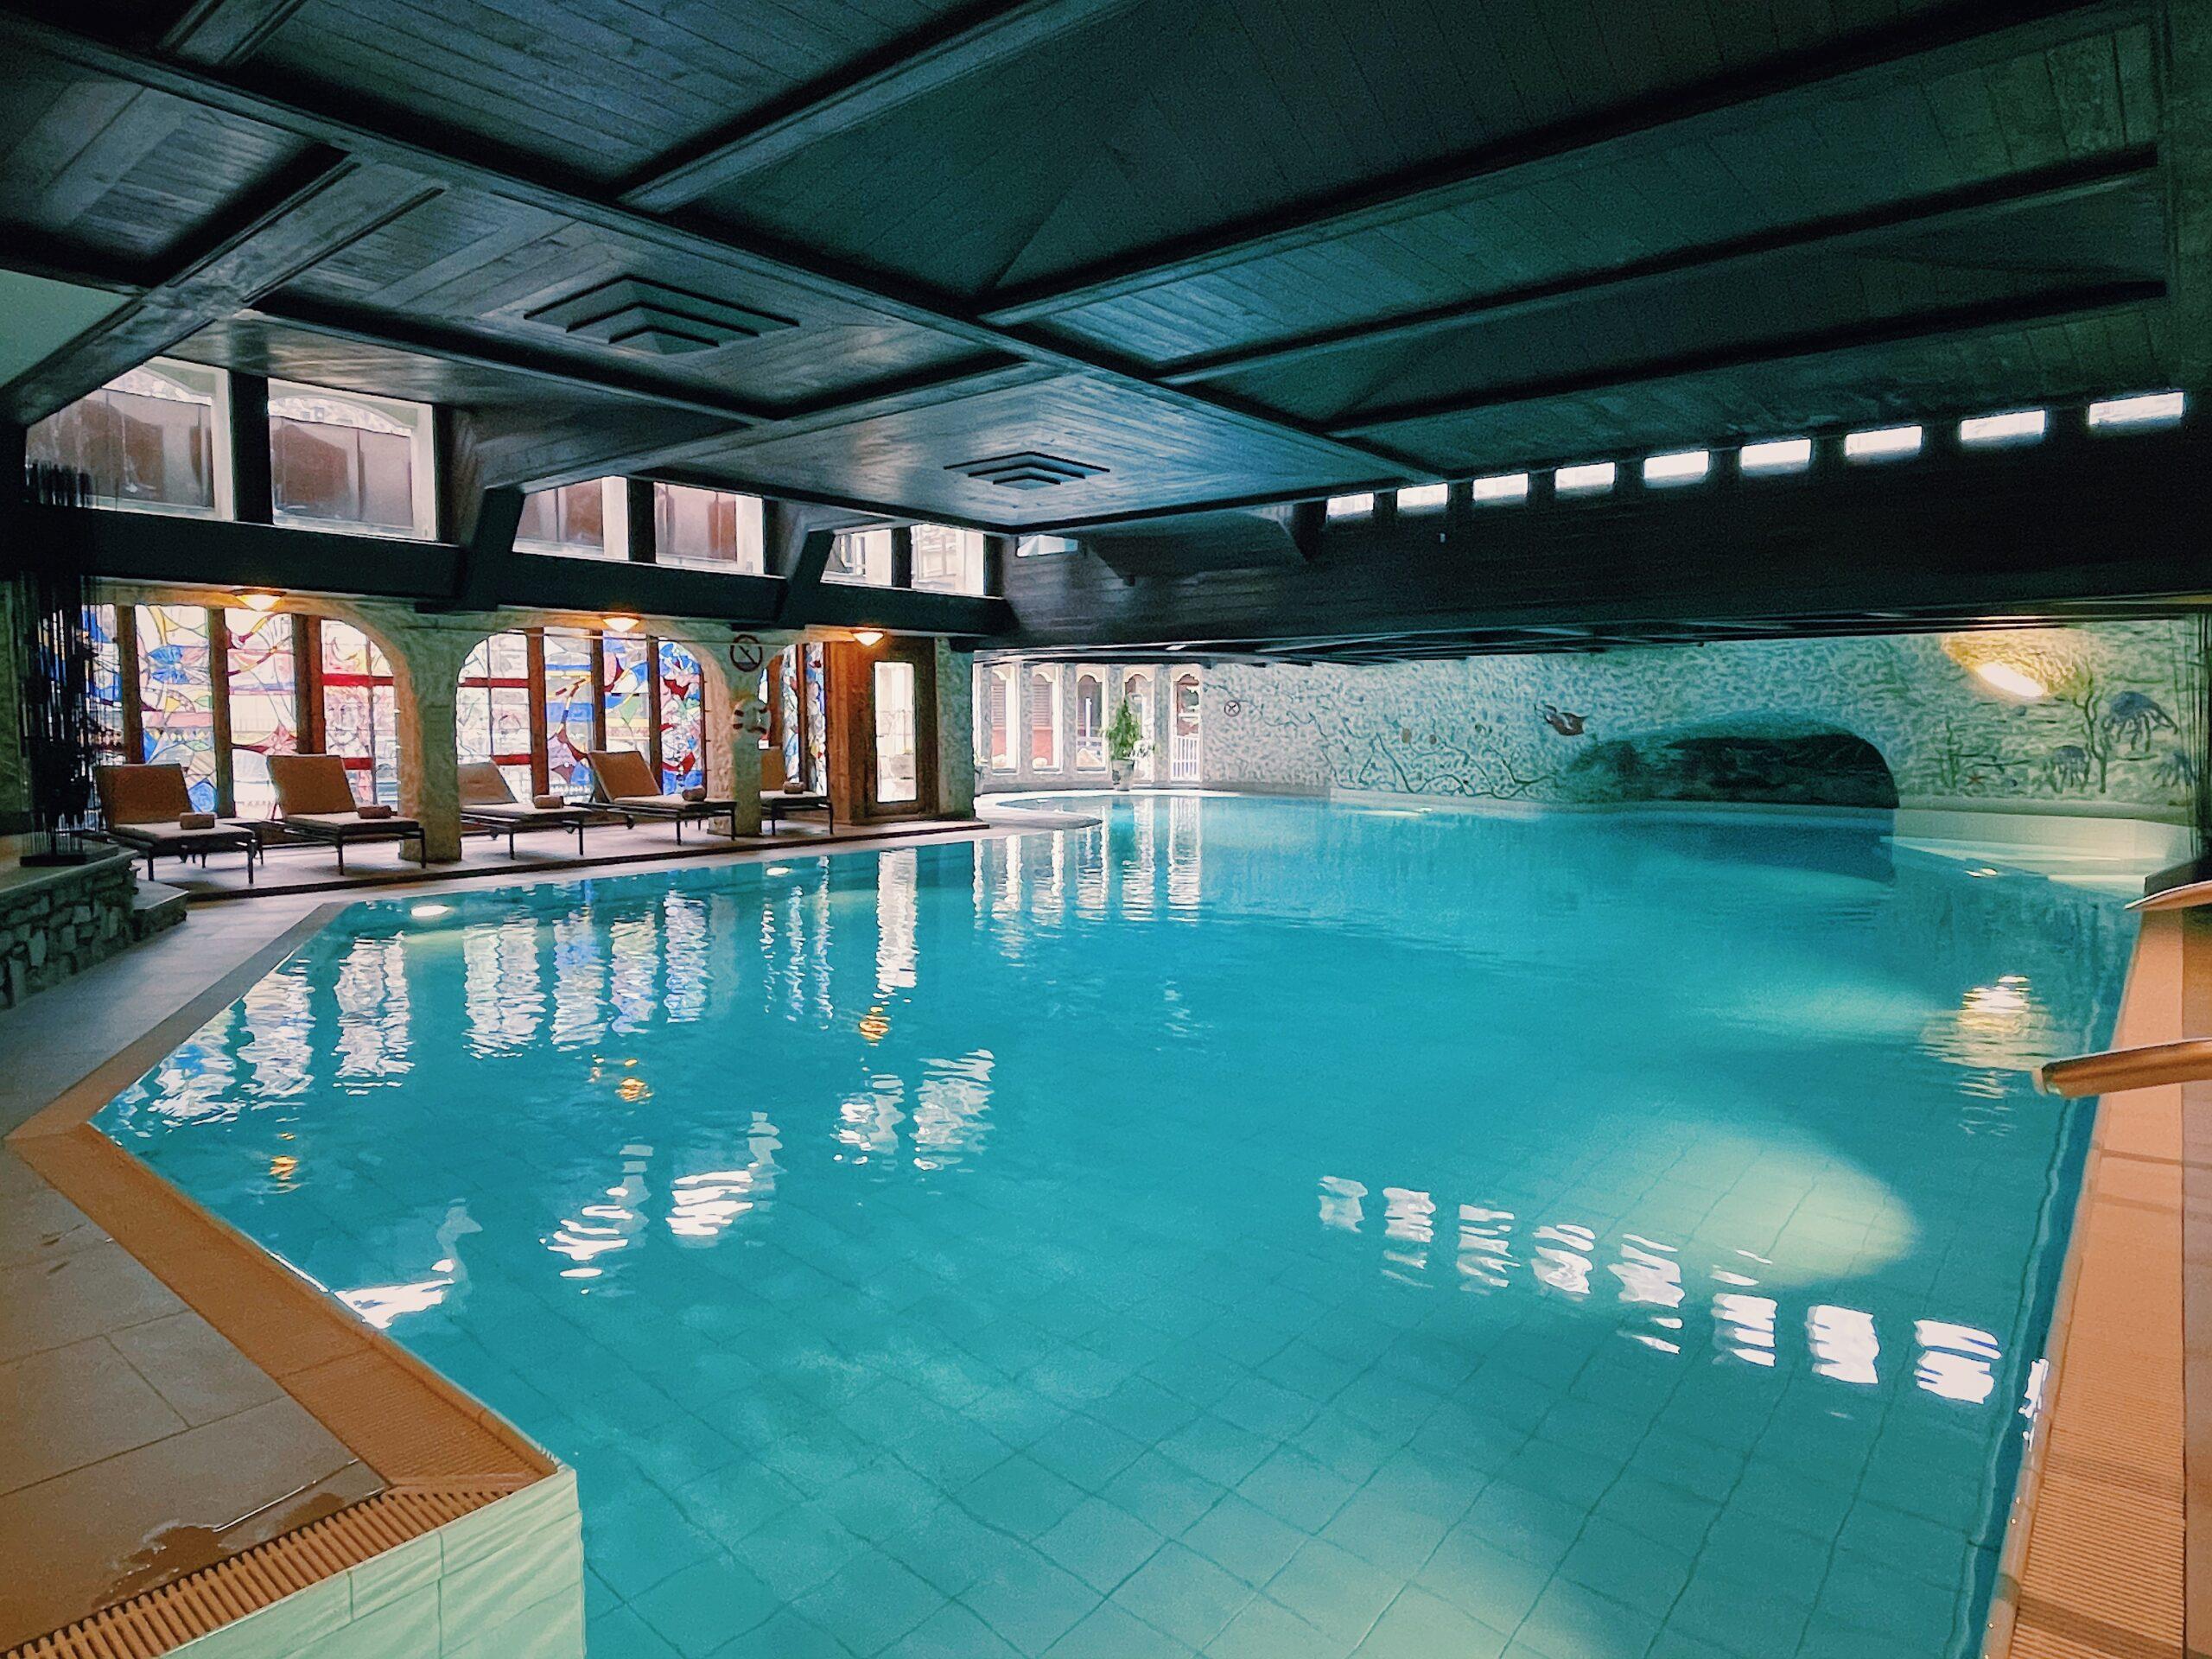 Nikin-Edited-118-scaled Zermatt & Matterhorn - Reisetipps, Hotelunterkunft und 3 unvergessliche Aktivitäten